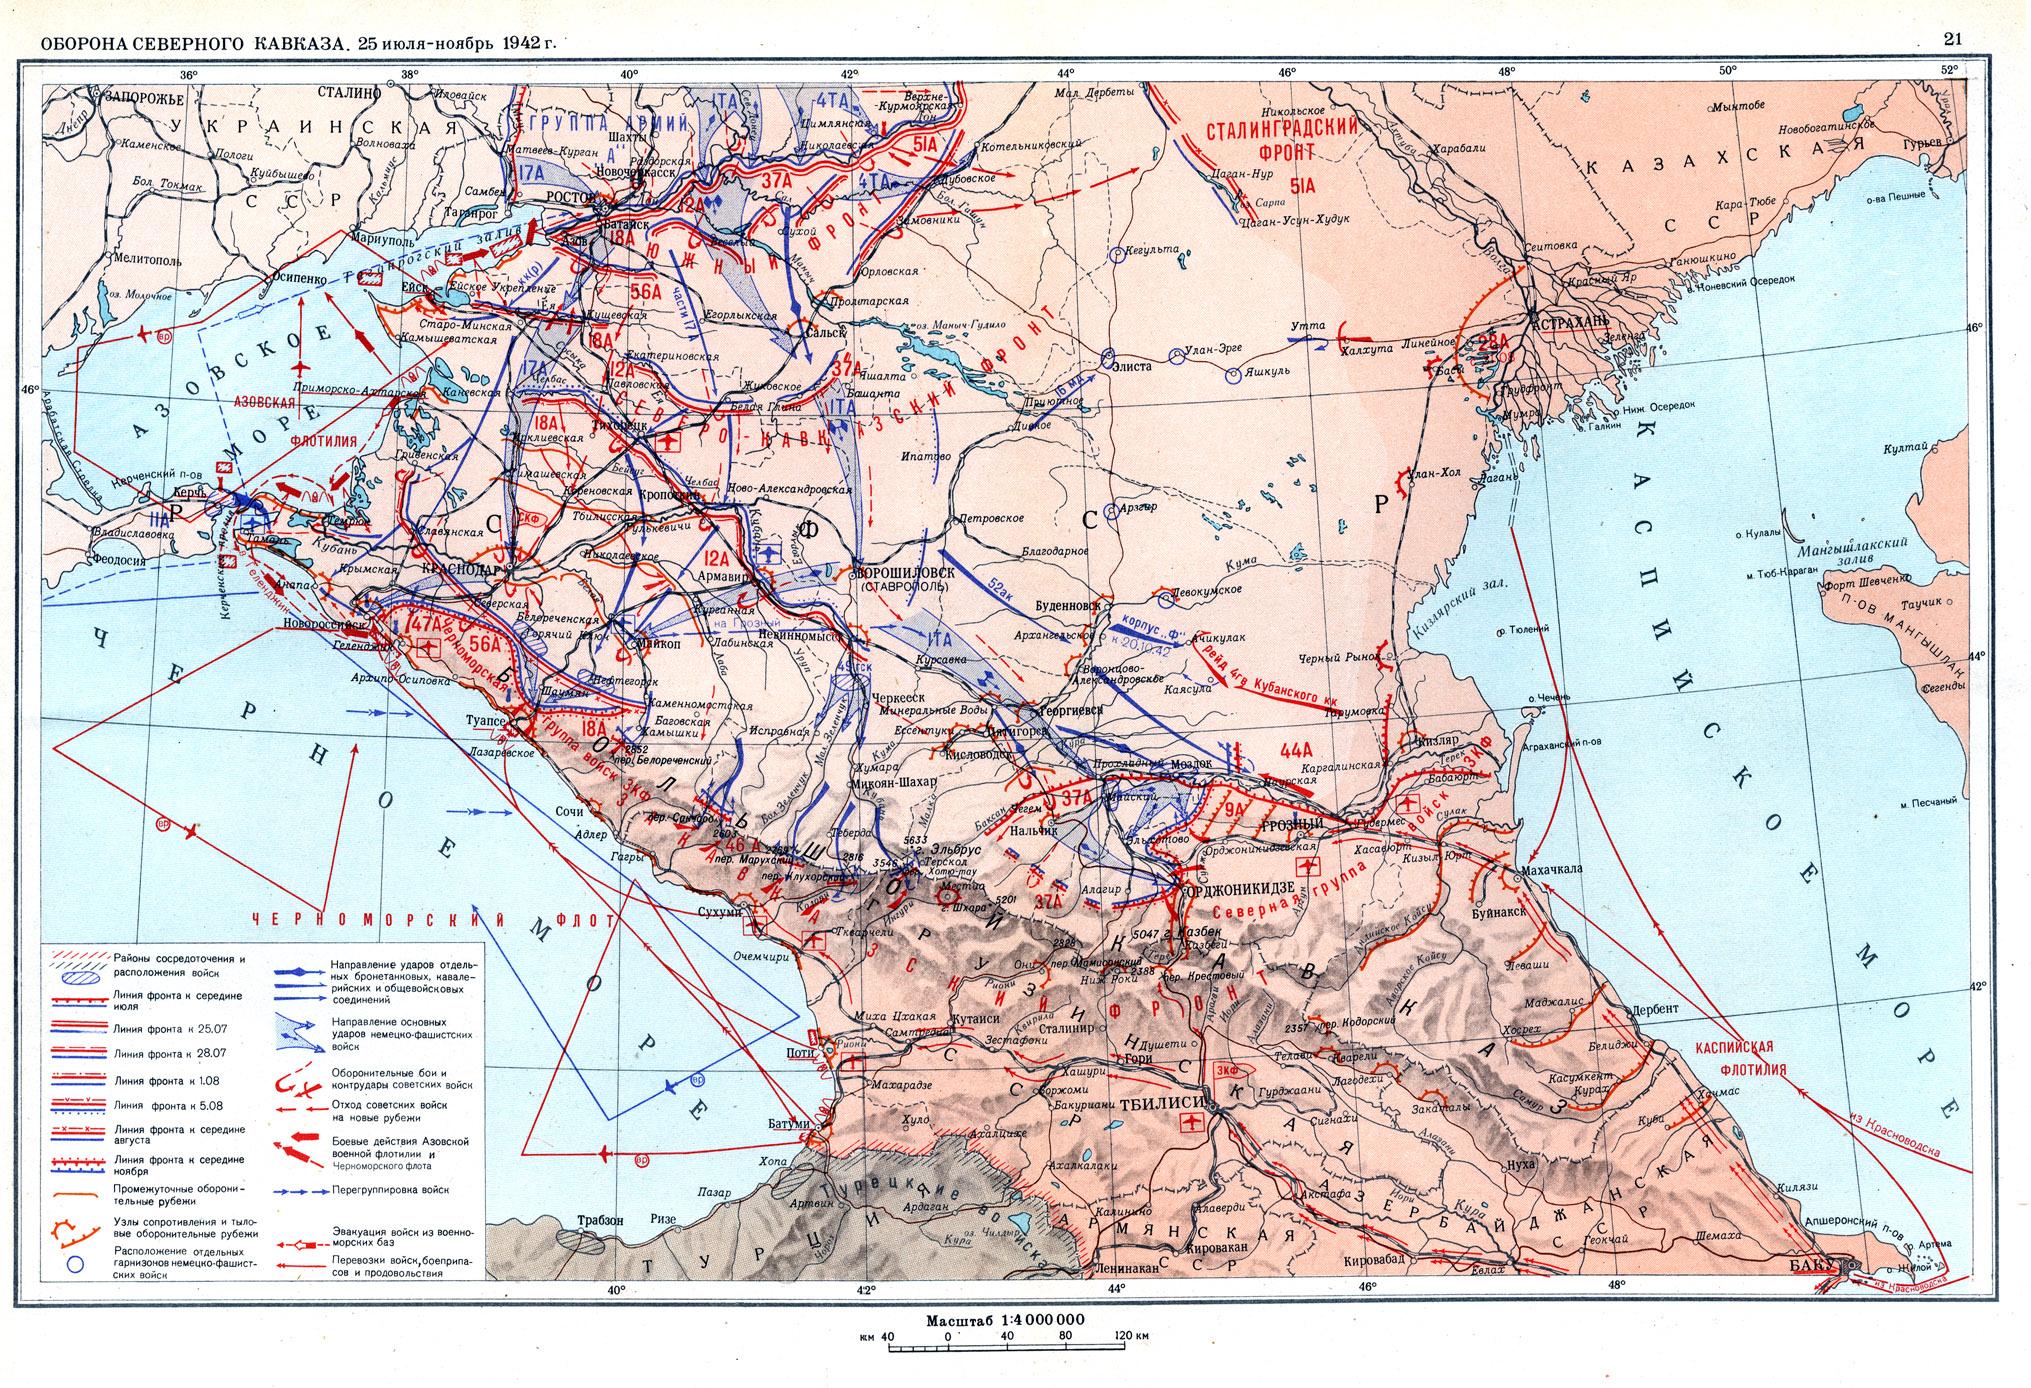 Ка��� Севе�ного Кавказа ideaprint